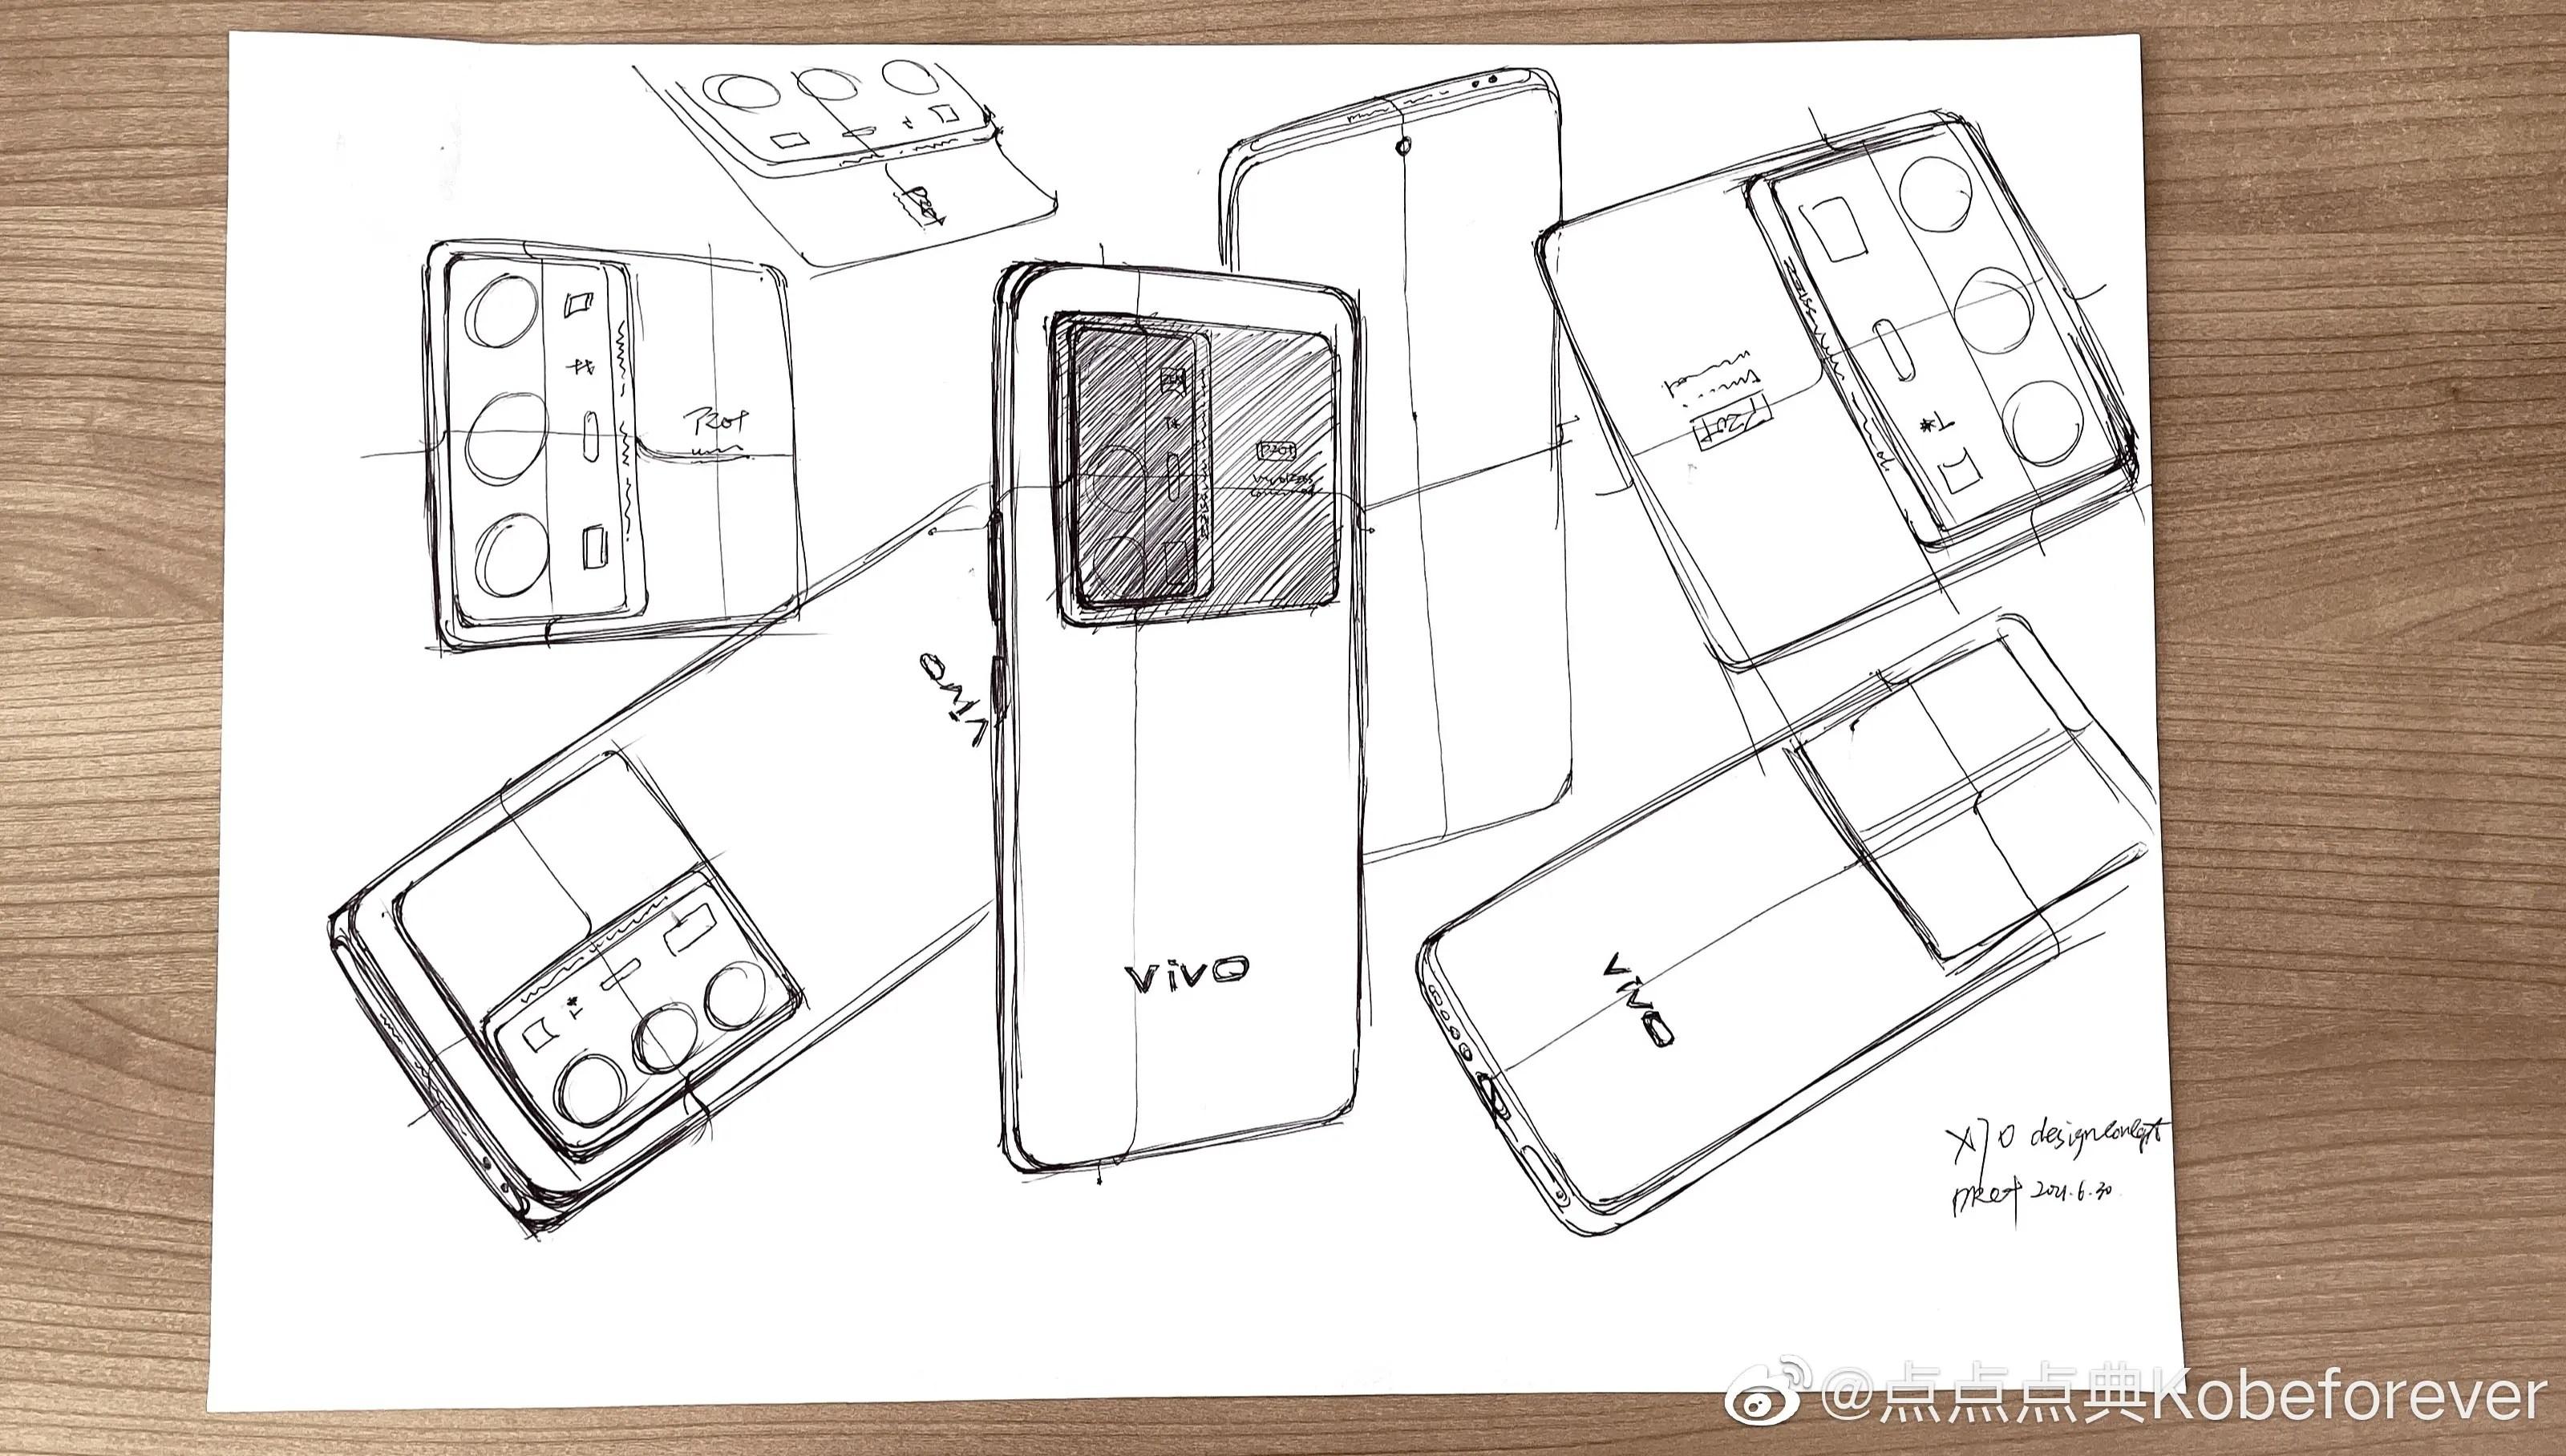 Vivo X70 Pro+ design